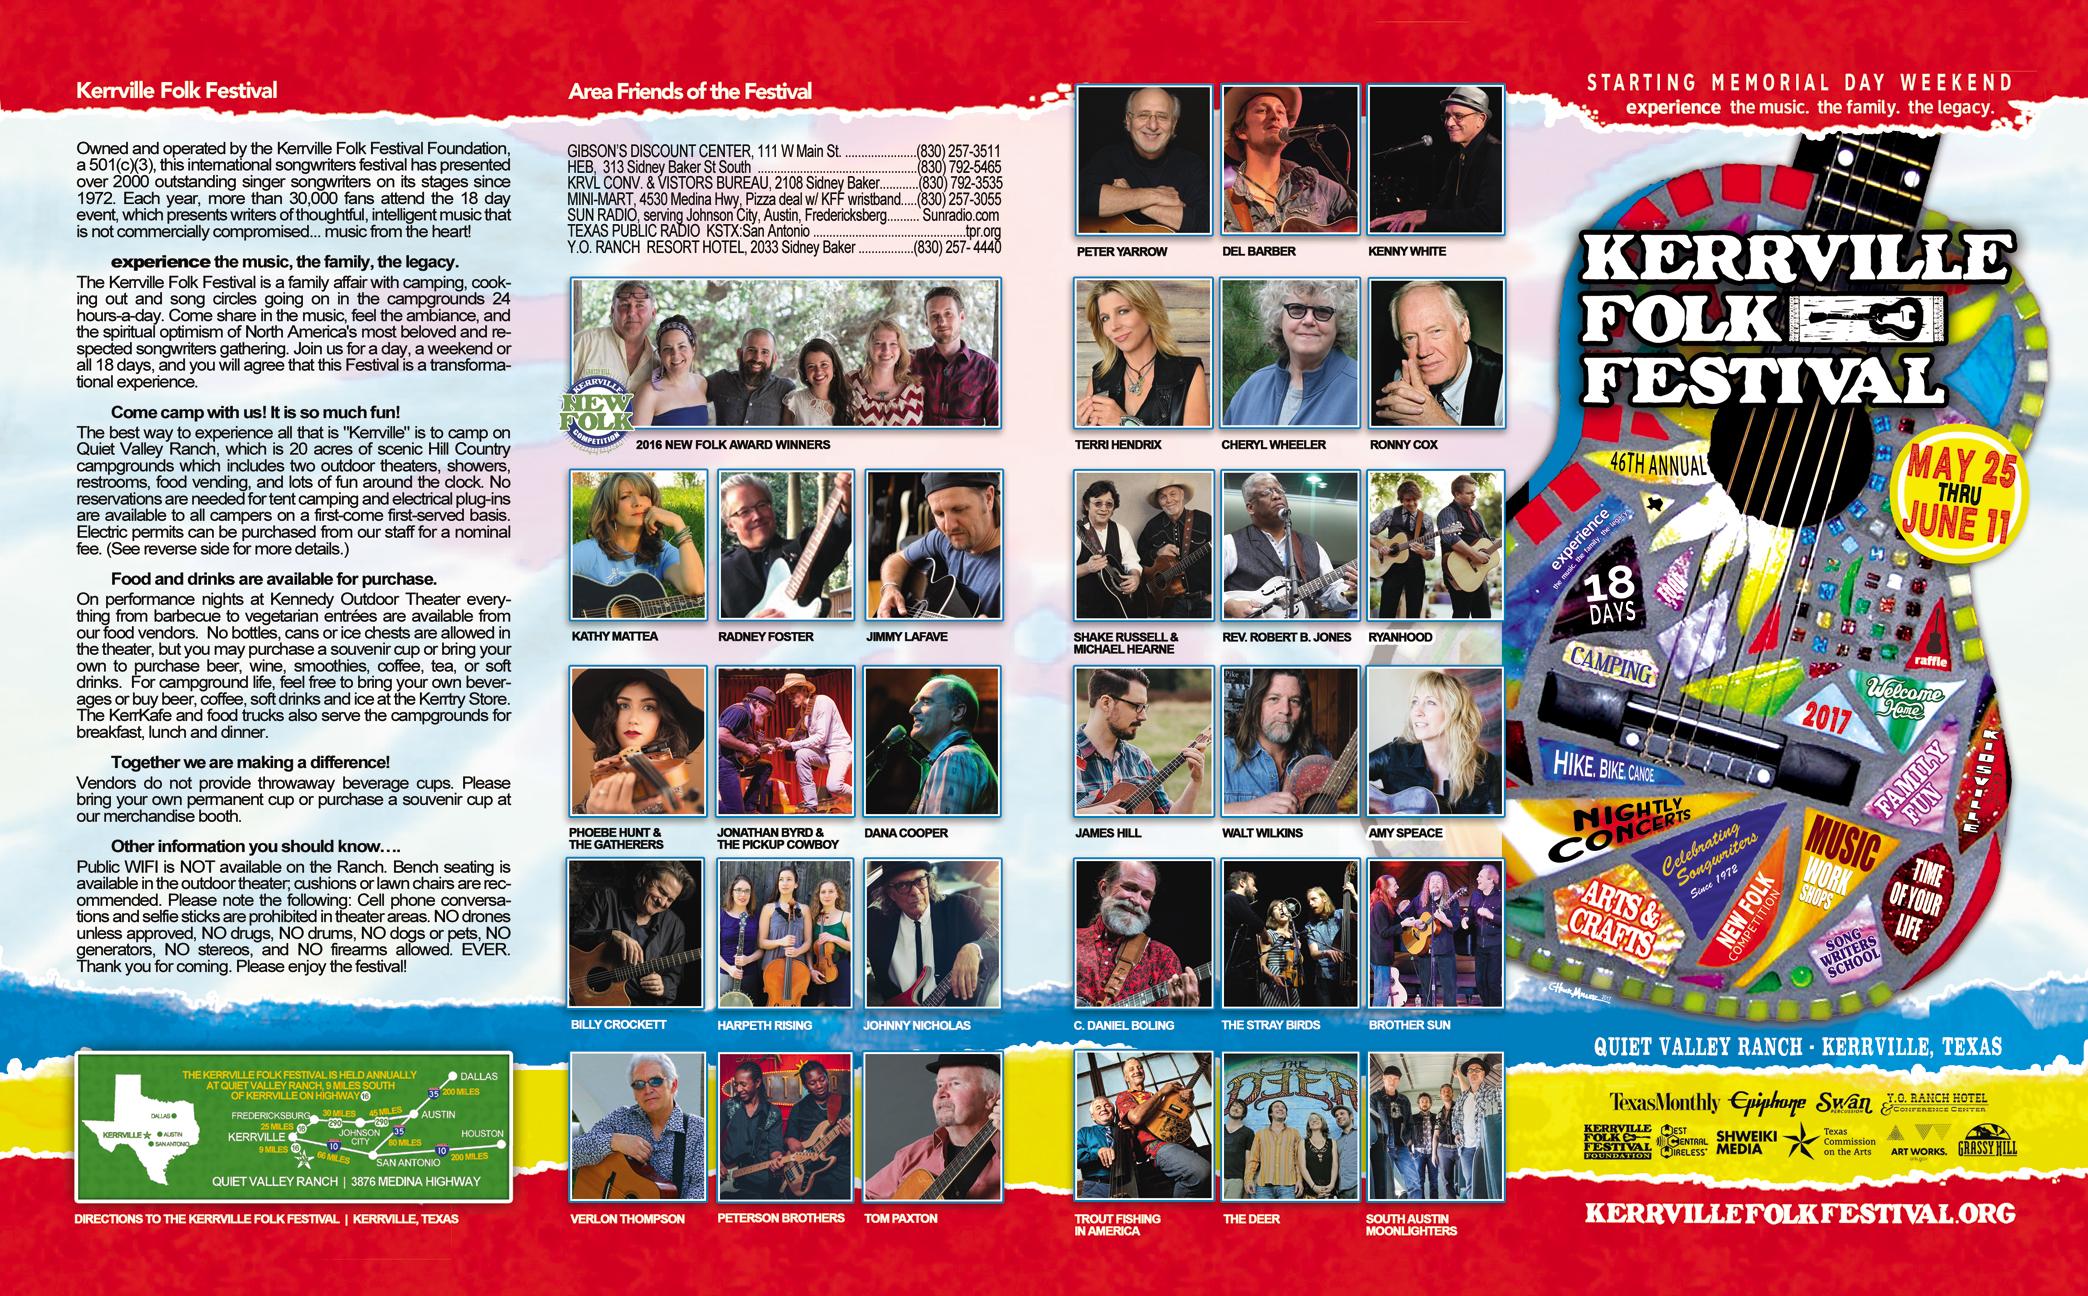 2017 Kerrville Folk Festival Brochure